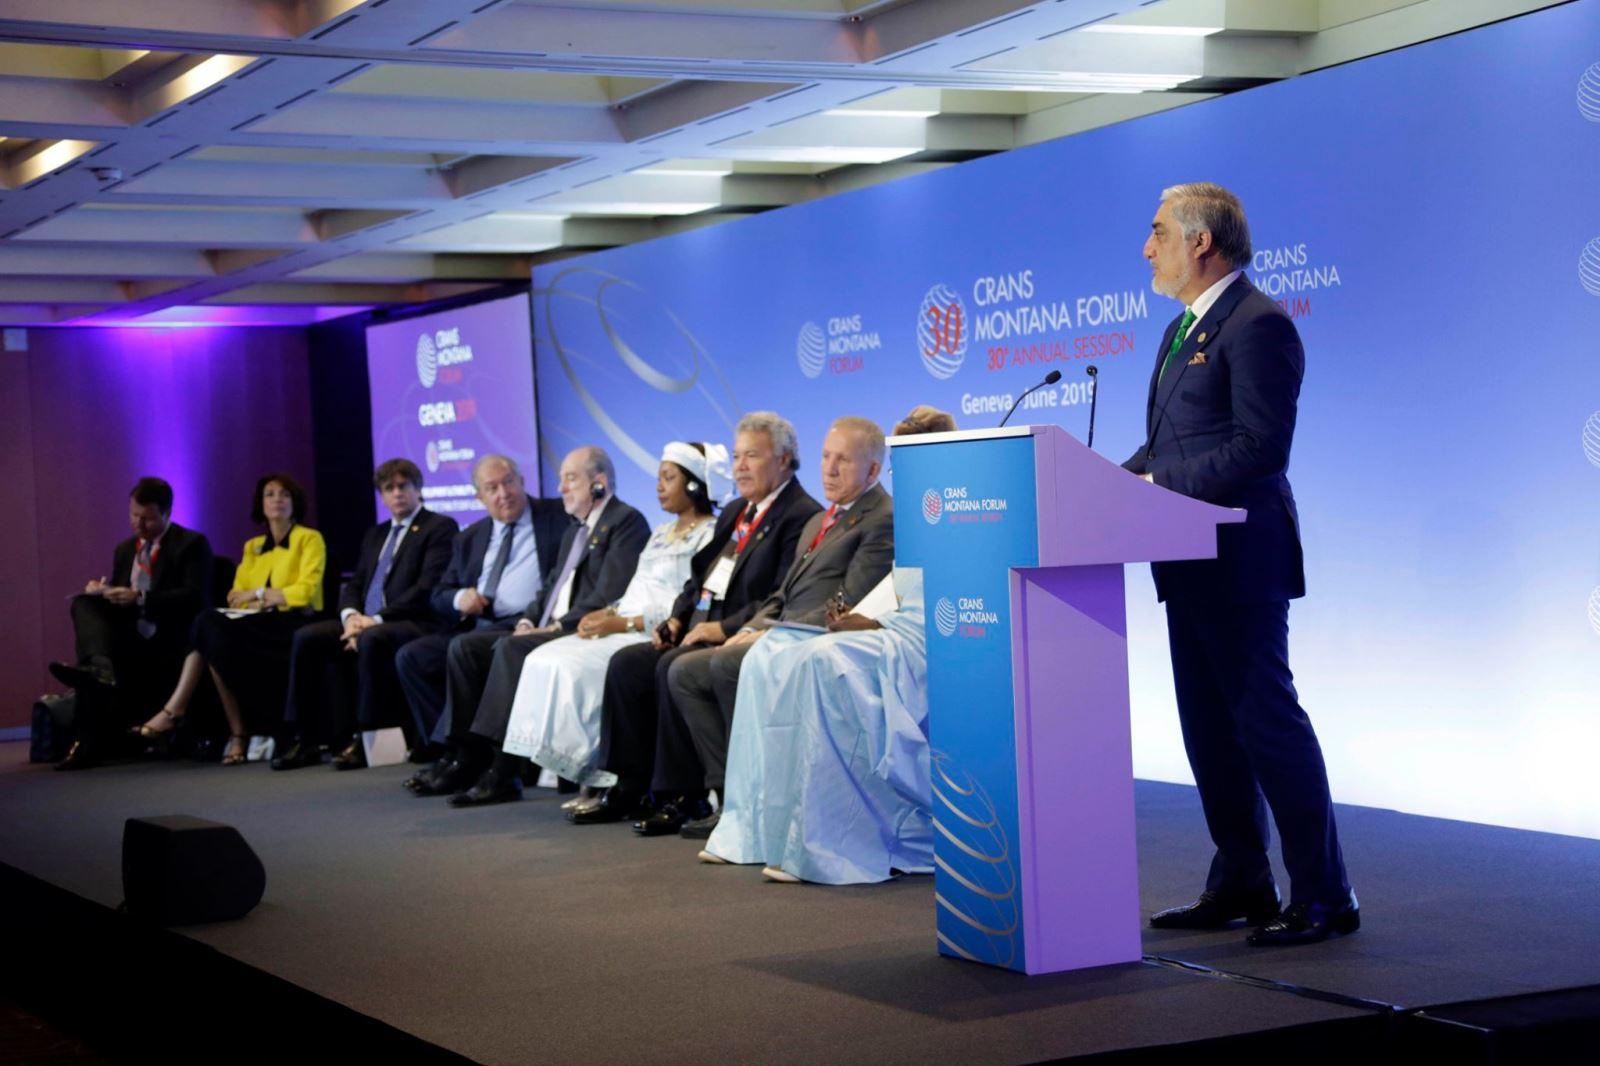 سخنرانی رییس اجراییه در سیامین اجلاس کران مونتانا در سویس: دست یافتن به صلح و توسعه نیازمند احترام متقابل است